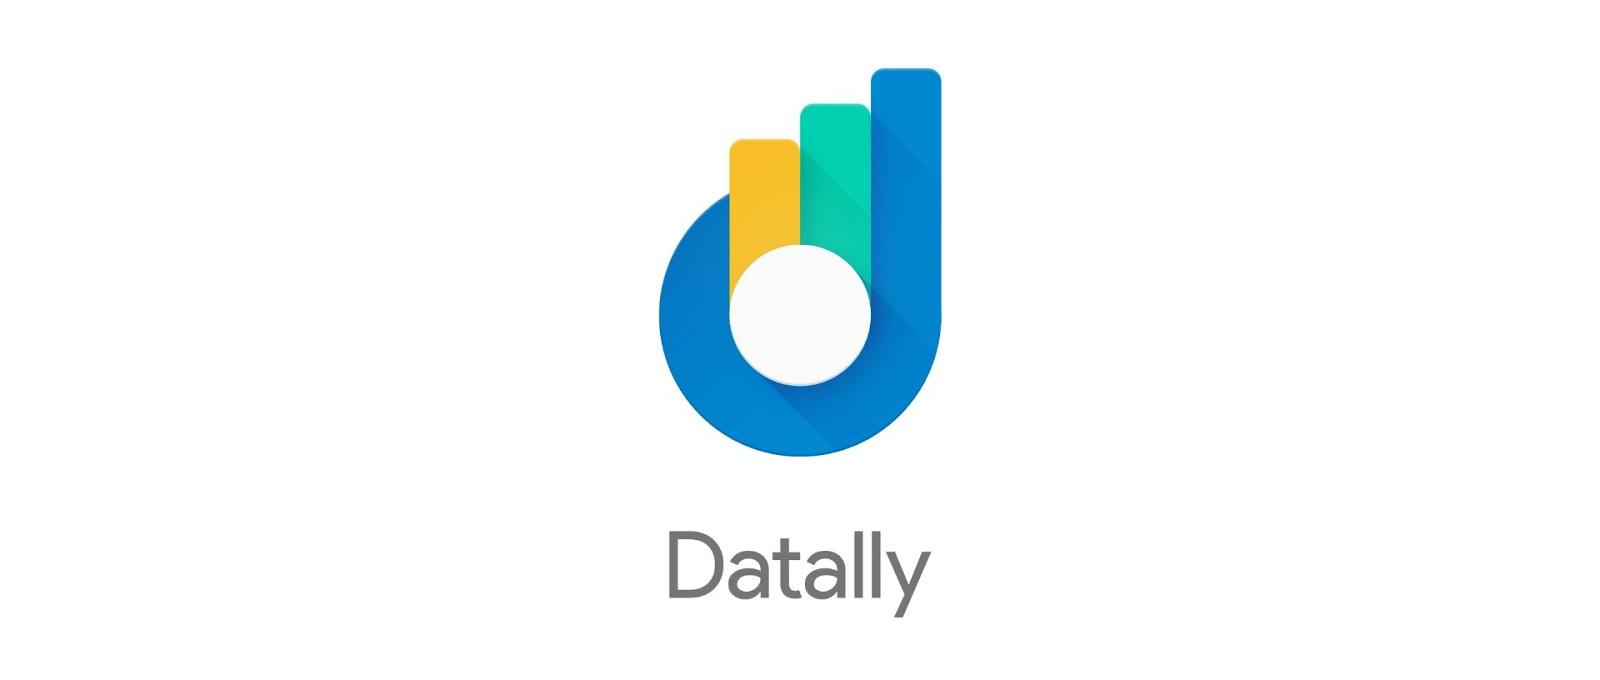 Google's Datally wallpaper